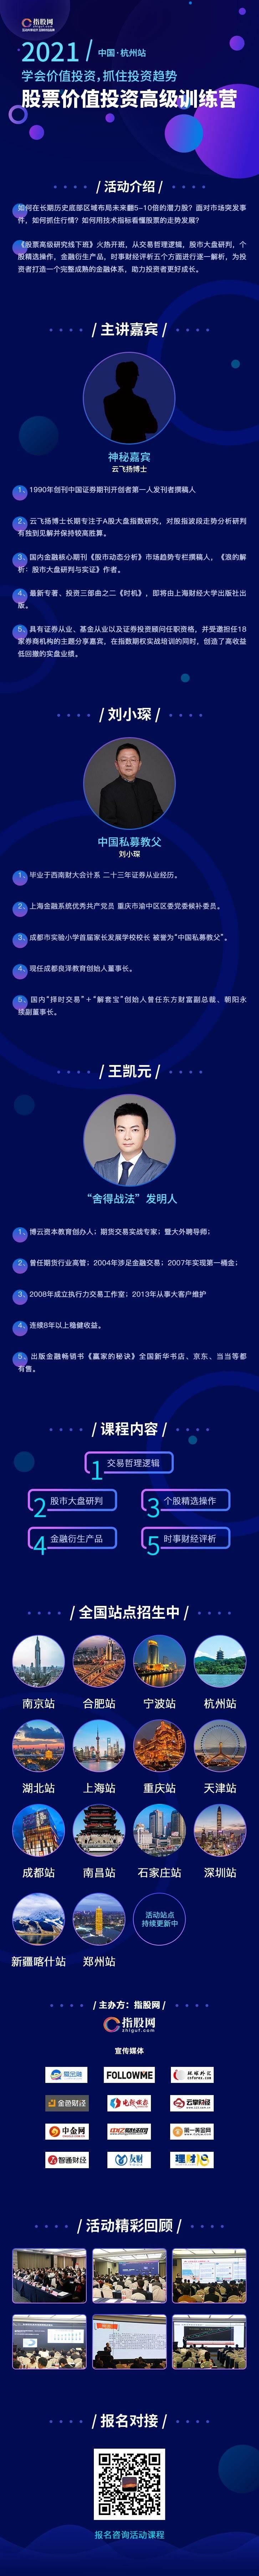 杭州站股票价值投资.png